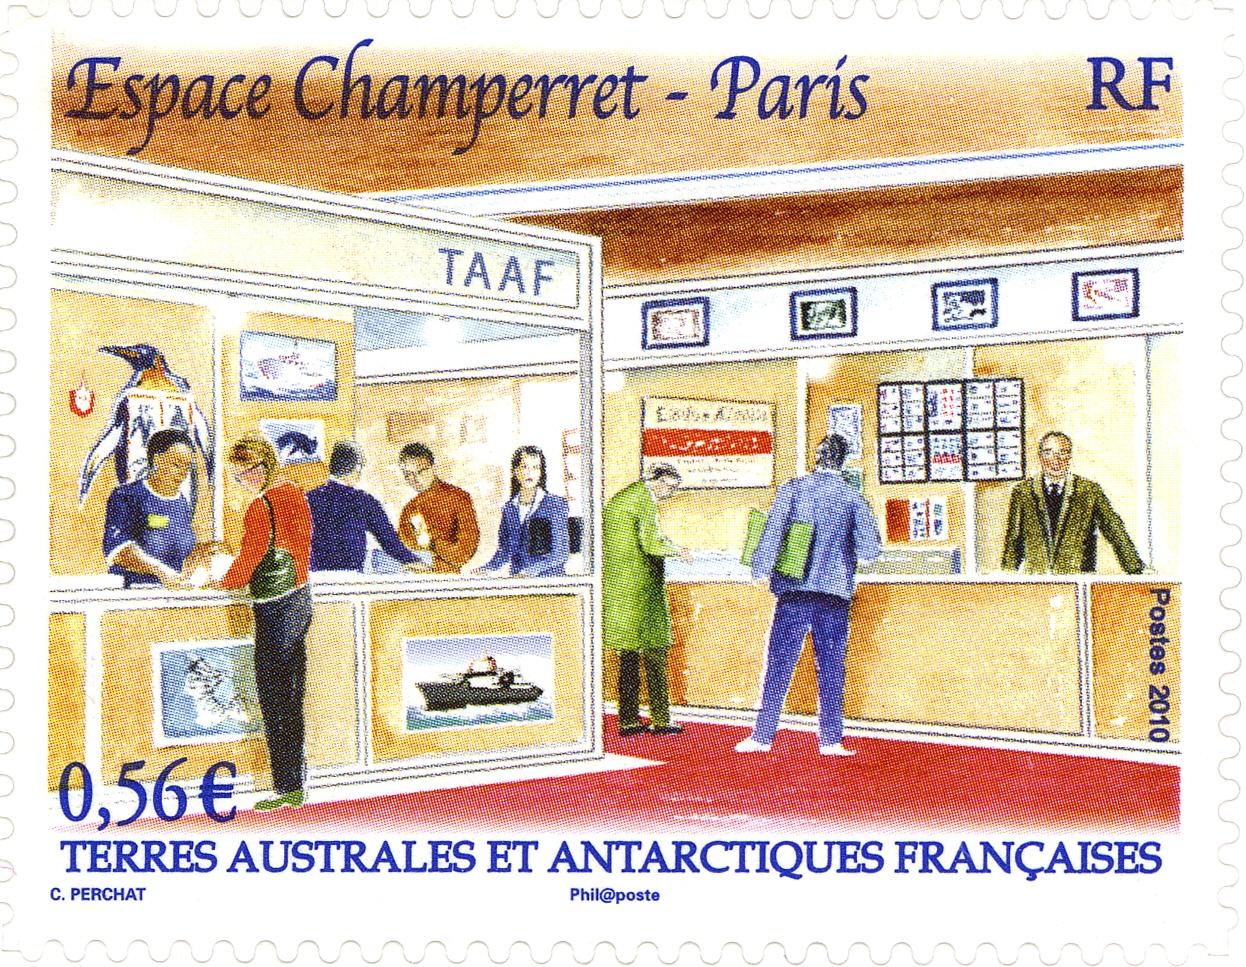 imagesbox ls  <b>Les</b> TAAF dans <b>les</b> salons philatéliques : le salon philatélique d&#39;automne, <b>...</b>